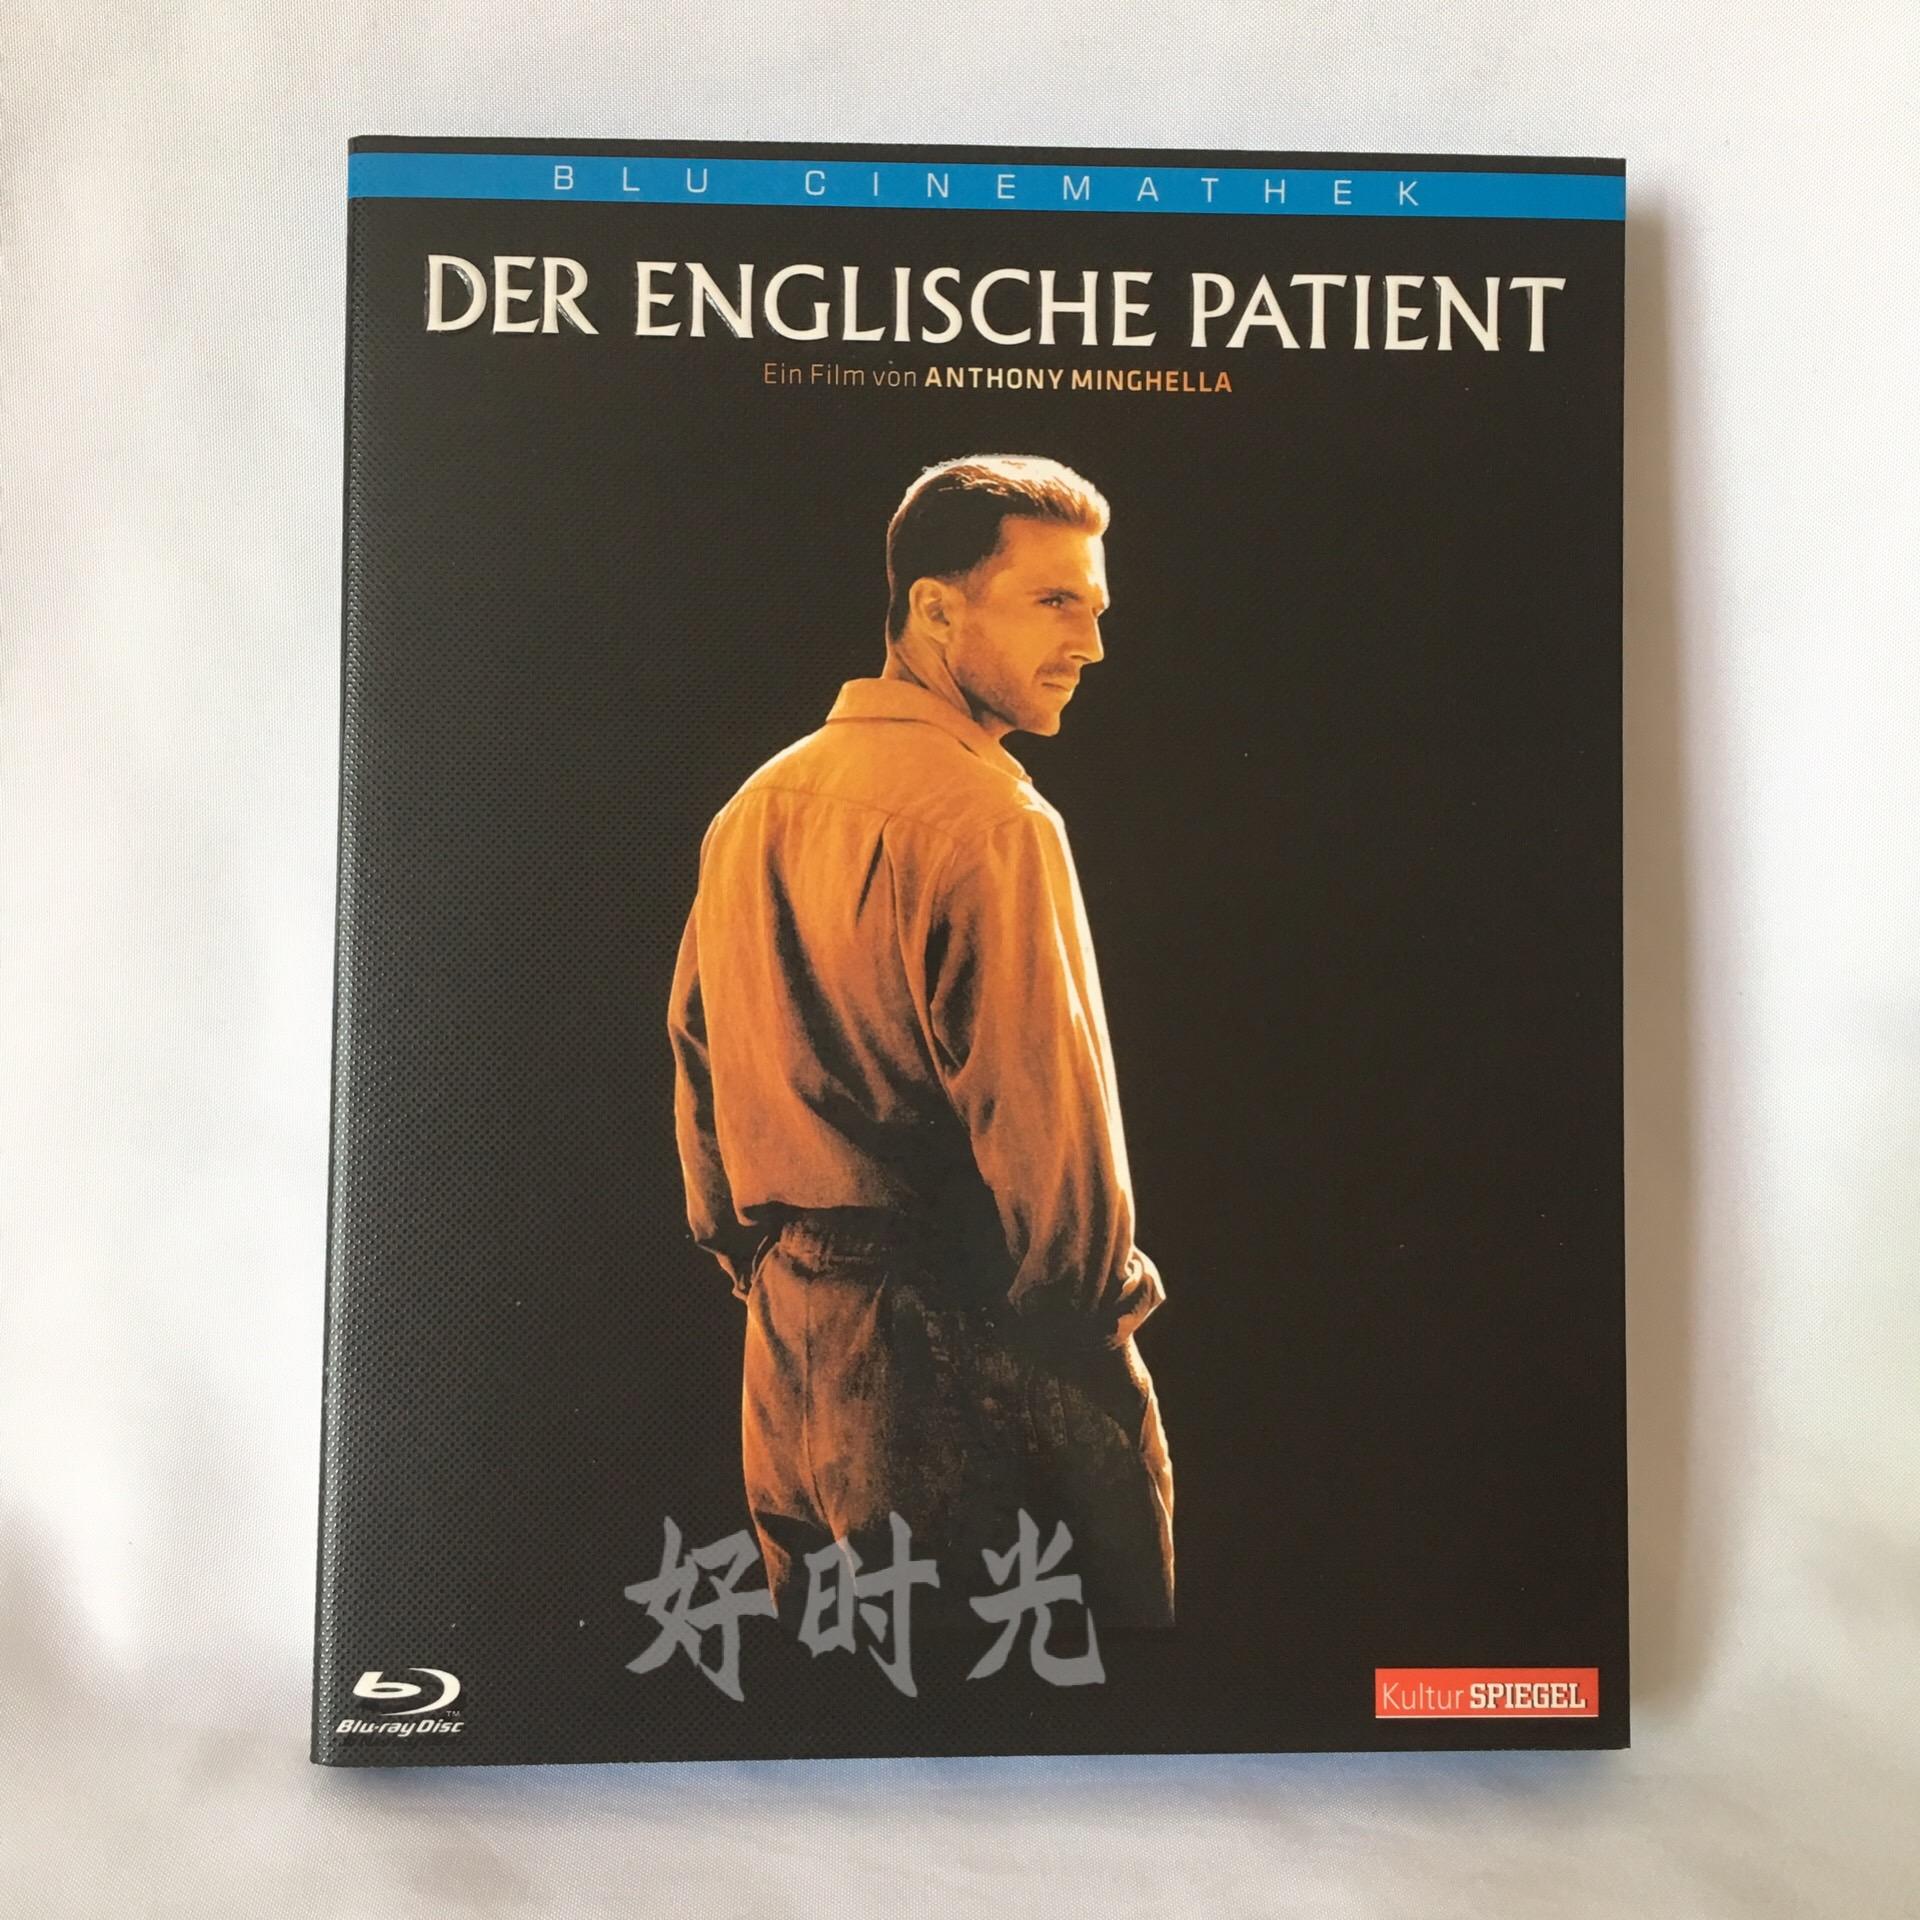 英國病人 英倫情人/別問我是誰 電影BD藍光碟 愛情戰爭 高清收藏